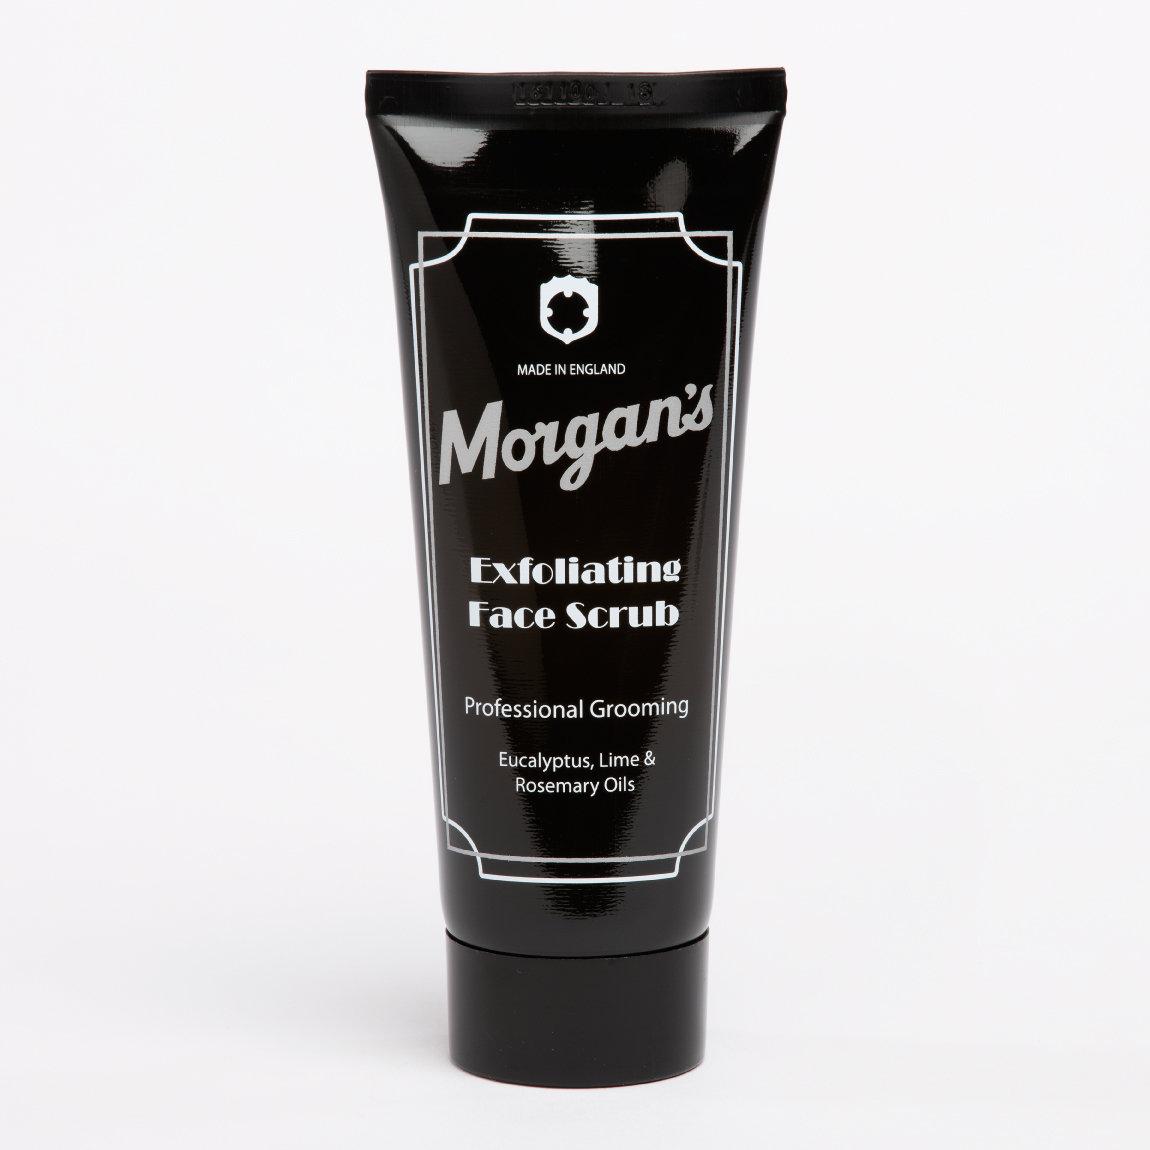 MORGAN'S Exfoliating face scrub / Очищающий скраб для лица 100 мл